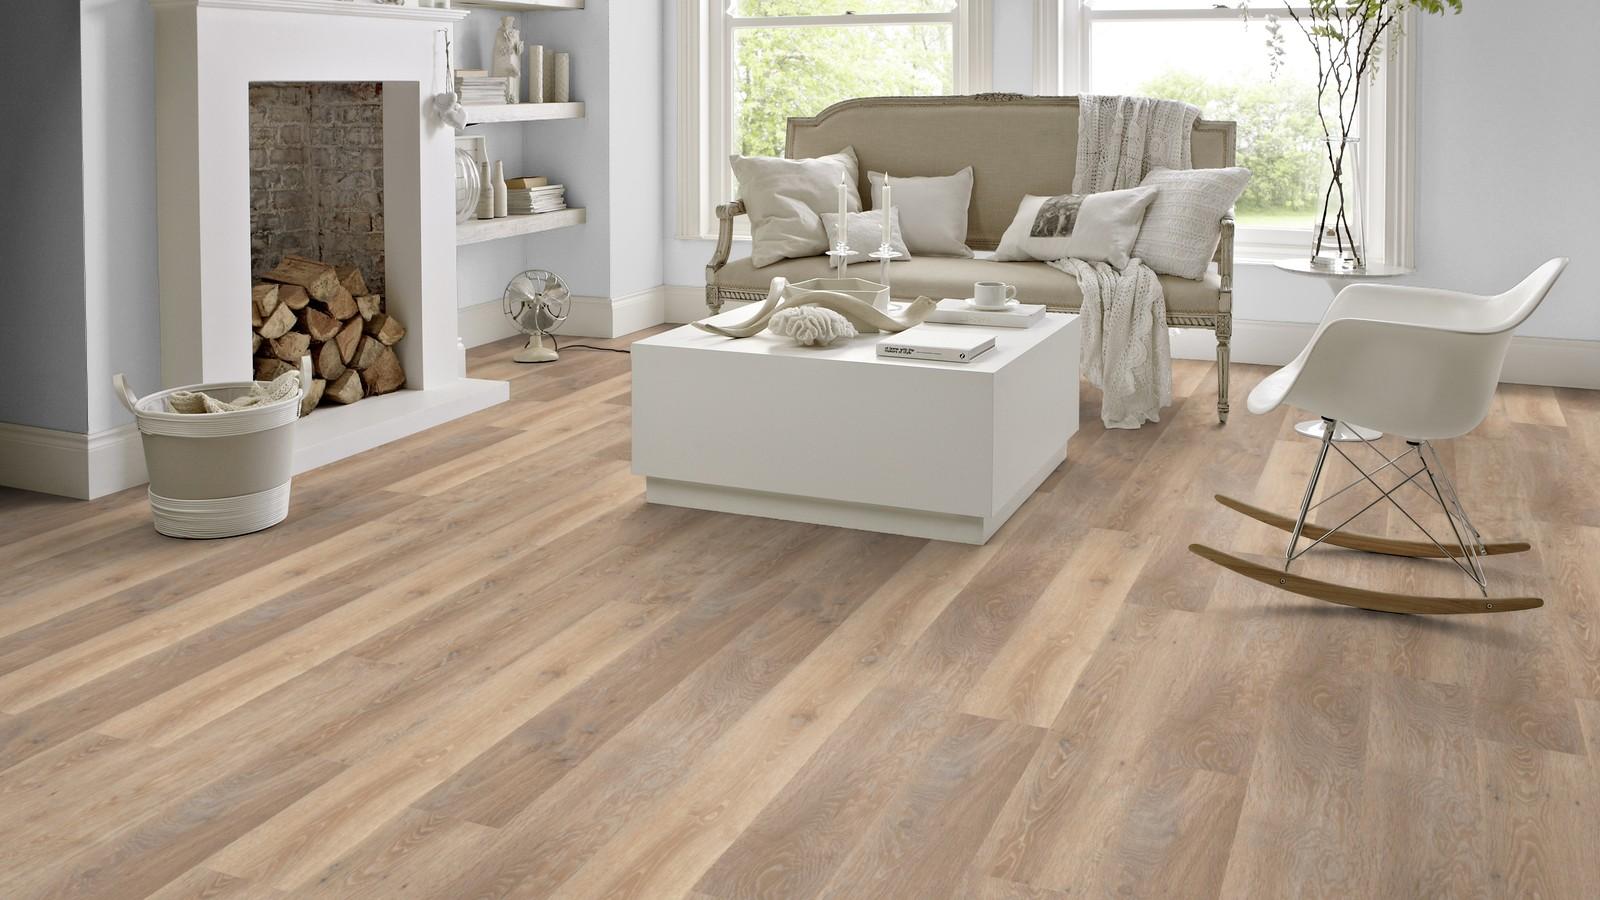 Designflooring-Rubens-SCB-KP95-Rose-Washed-Oak